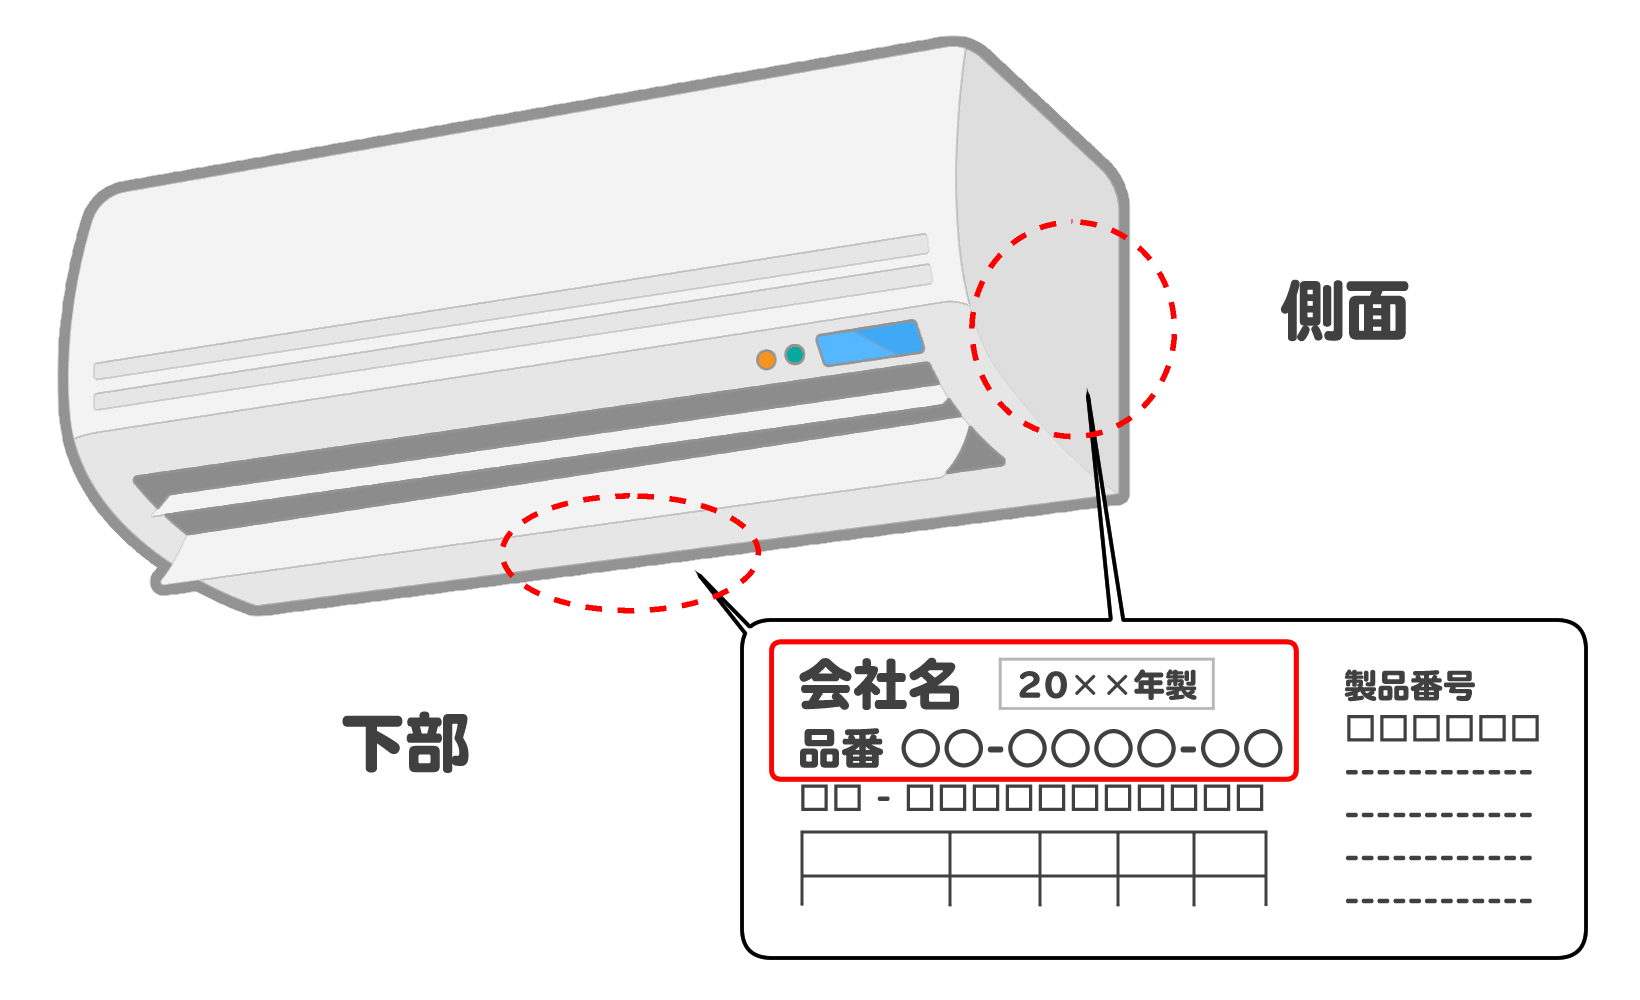 室内機の側面や下部に貼り付けられたラベルに、メーカーや品番・製造年が記入されているのが確認できます。